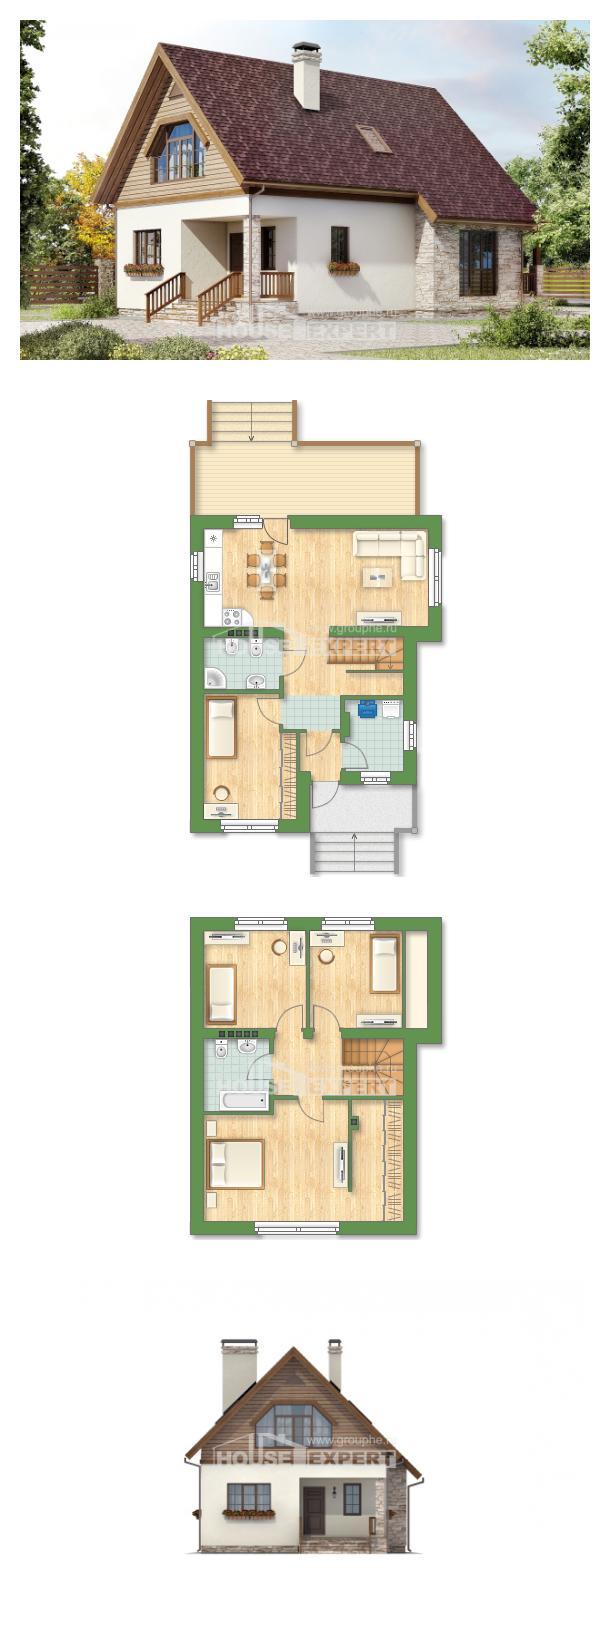 Проект дома 140-001-П | House Expert